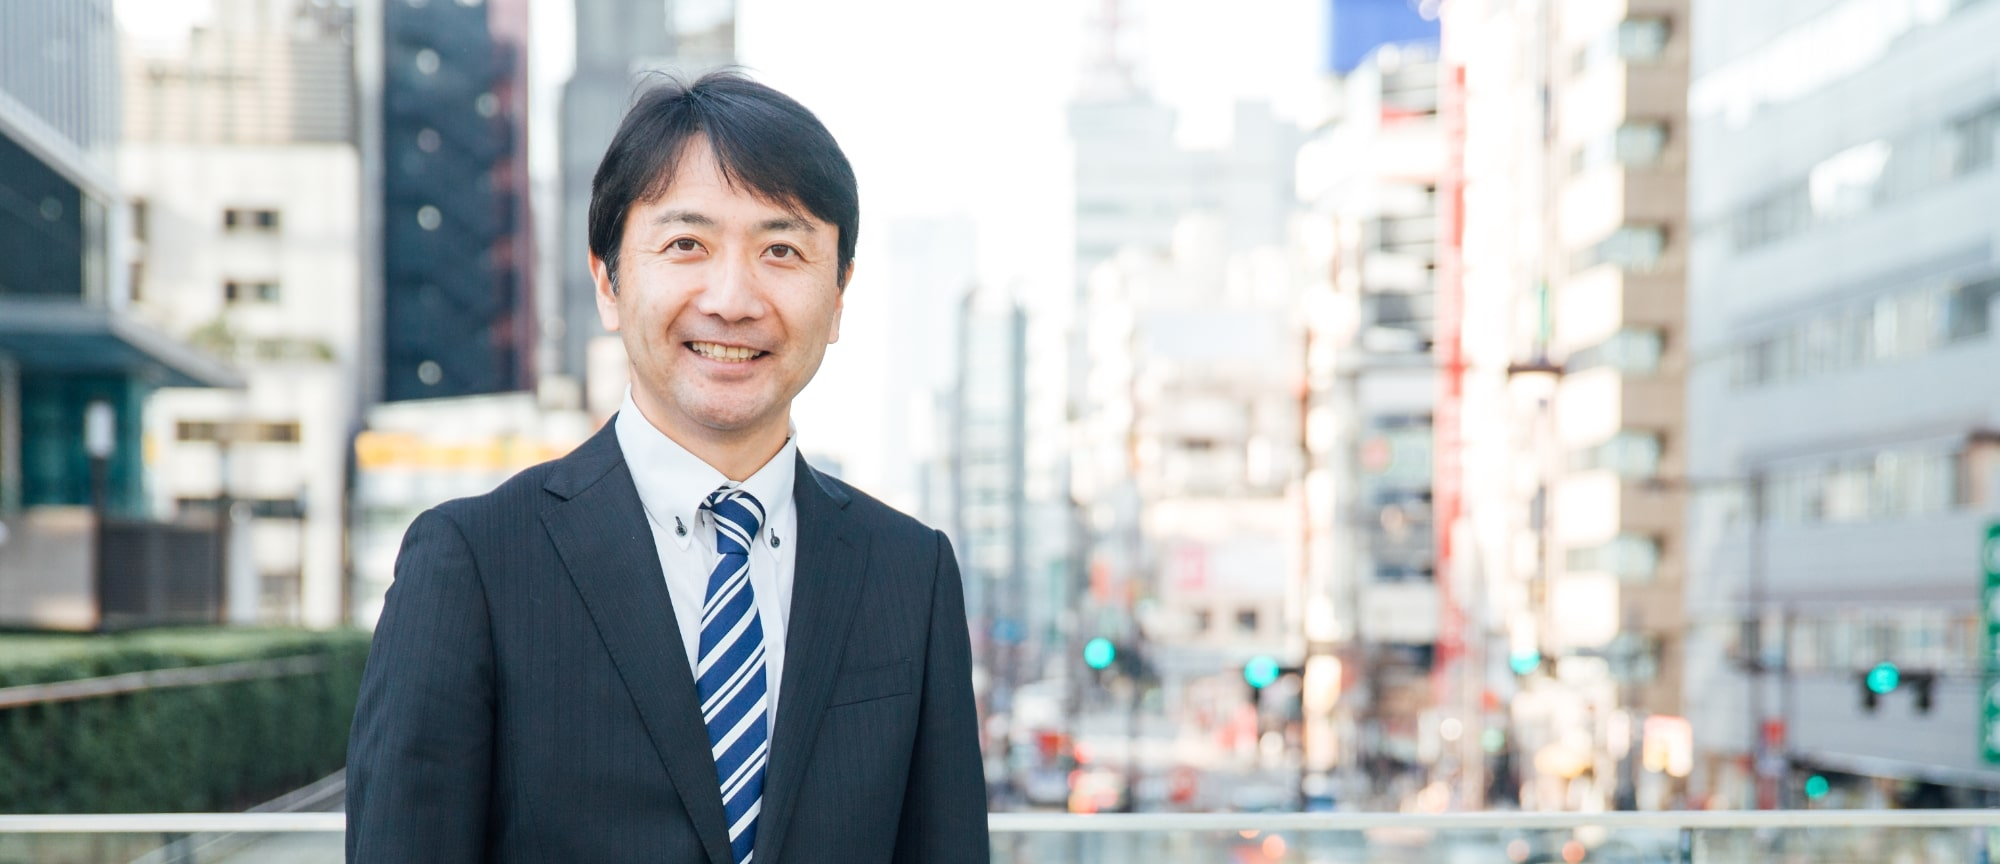 株式会社 ABCフロンティア 代表取締役会長CEO  的場崇